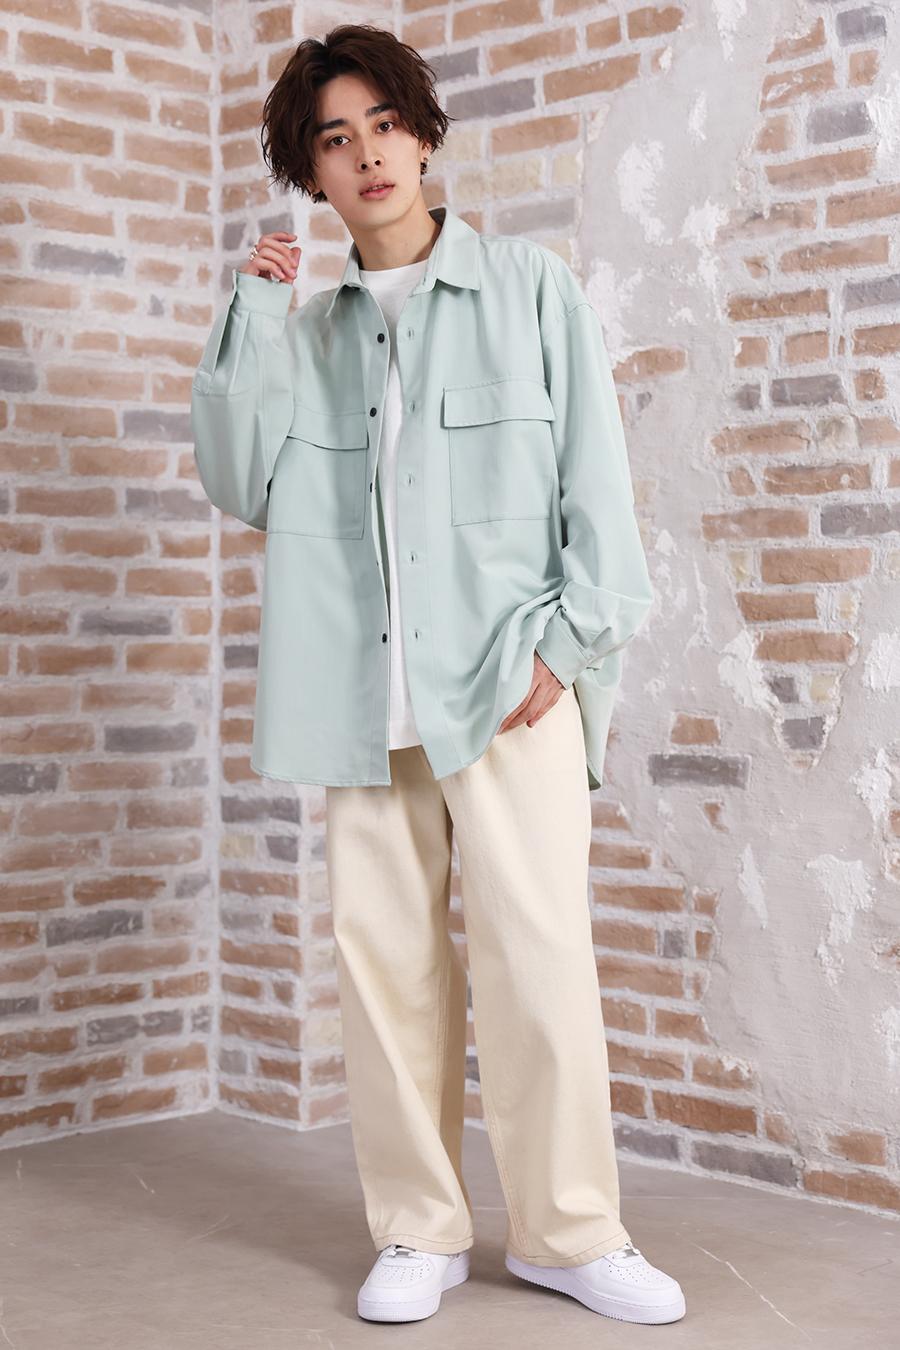 イケメンファッションYouTuber男子くろーぜっと。(めんくろ)のゆっきーこと冨田幸大